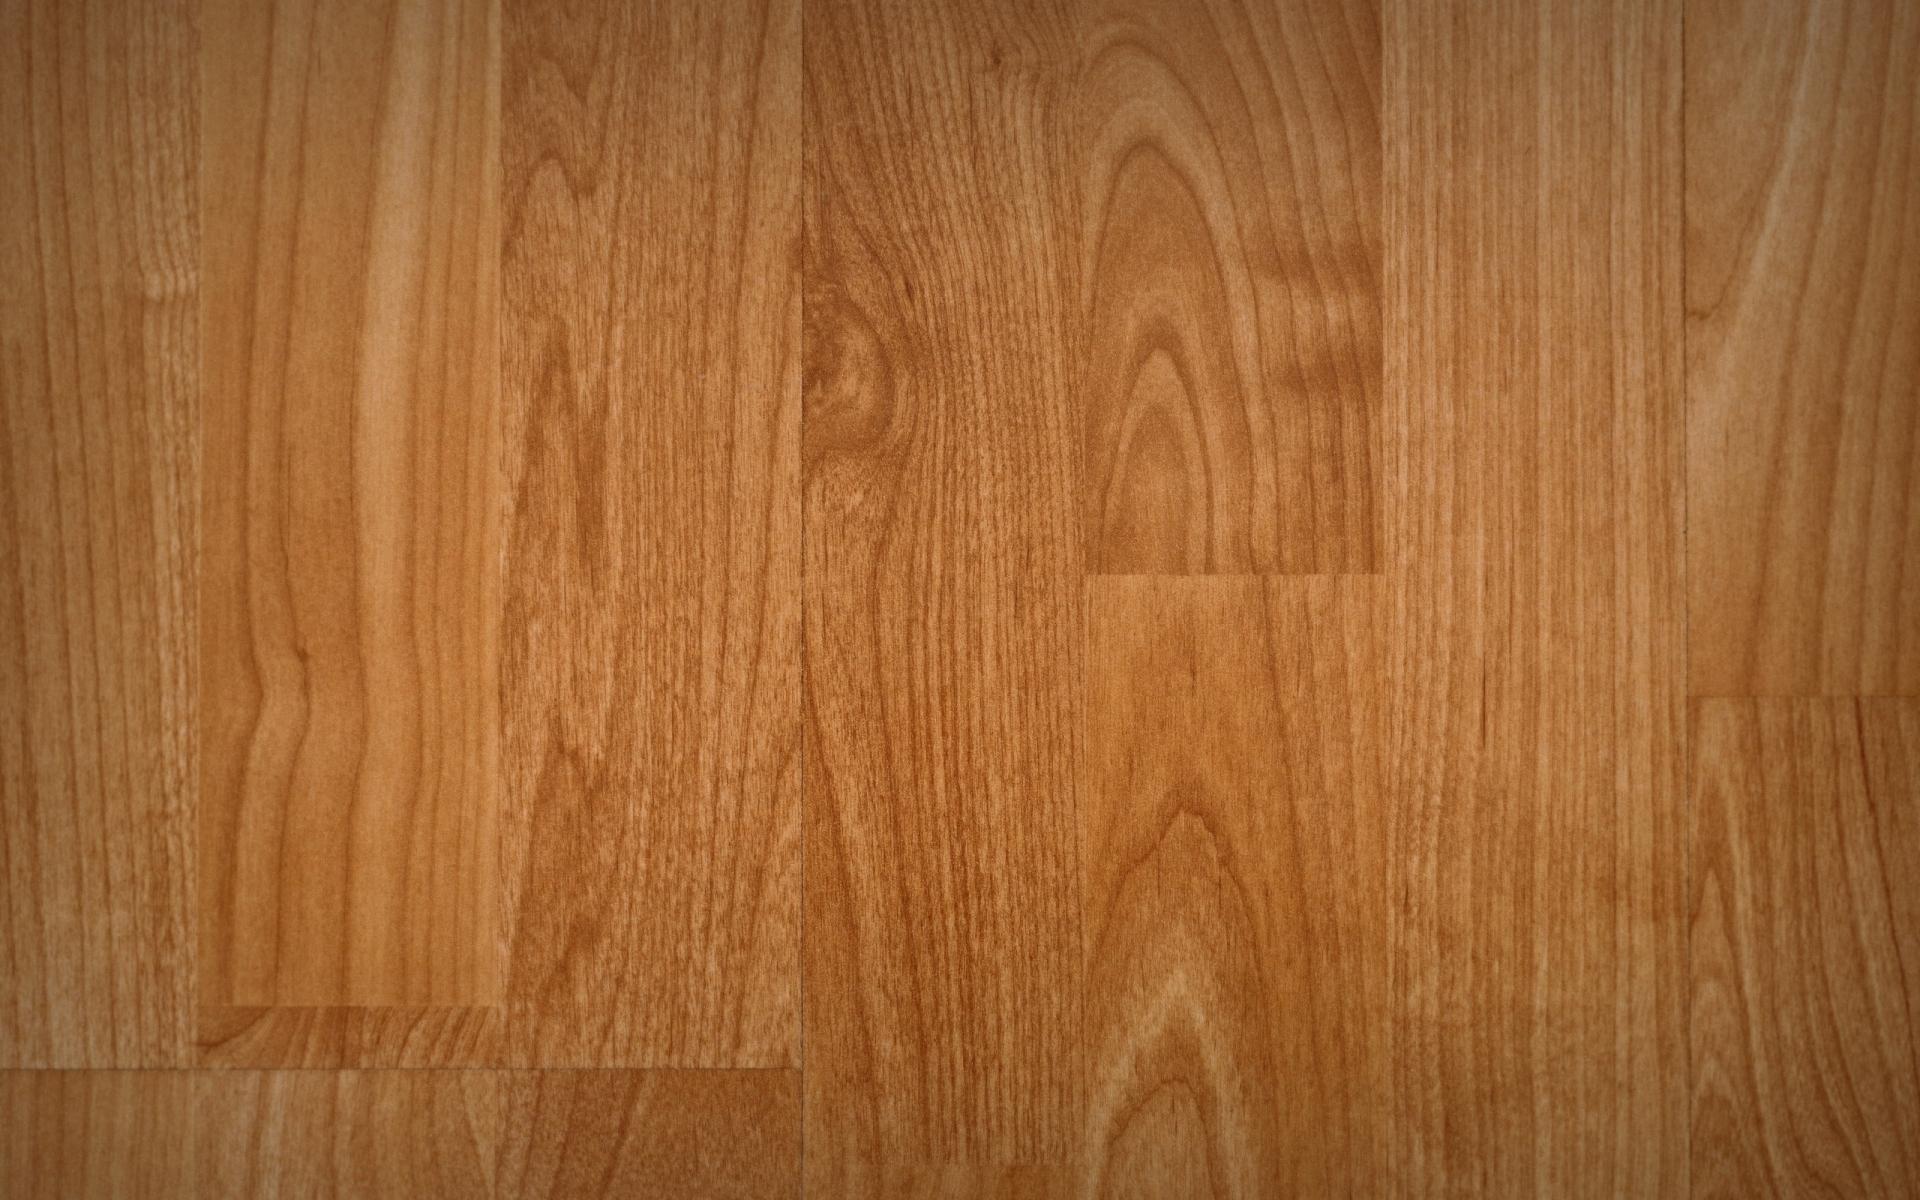 Textura de madera clara - 1920x1200